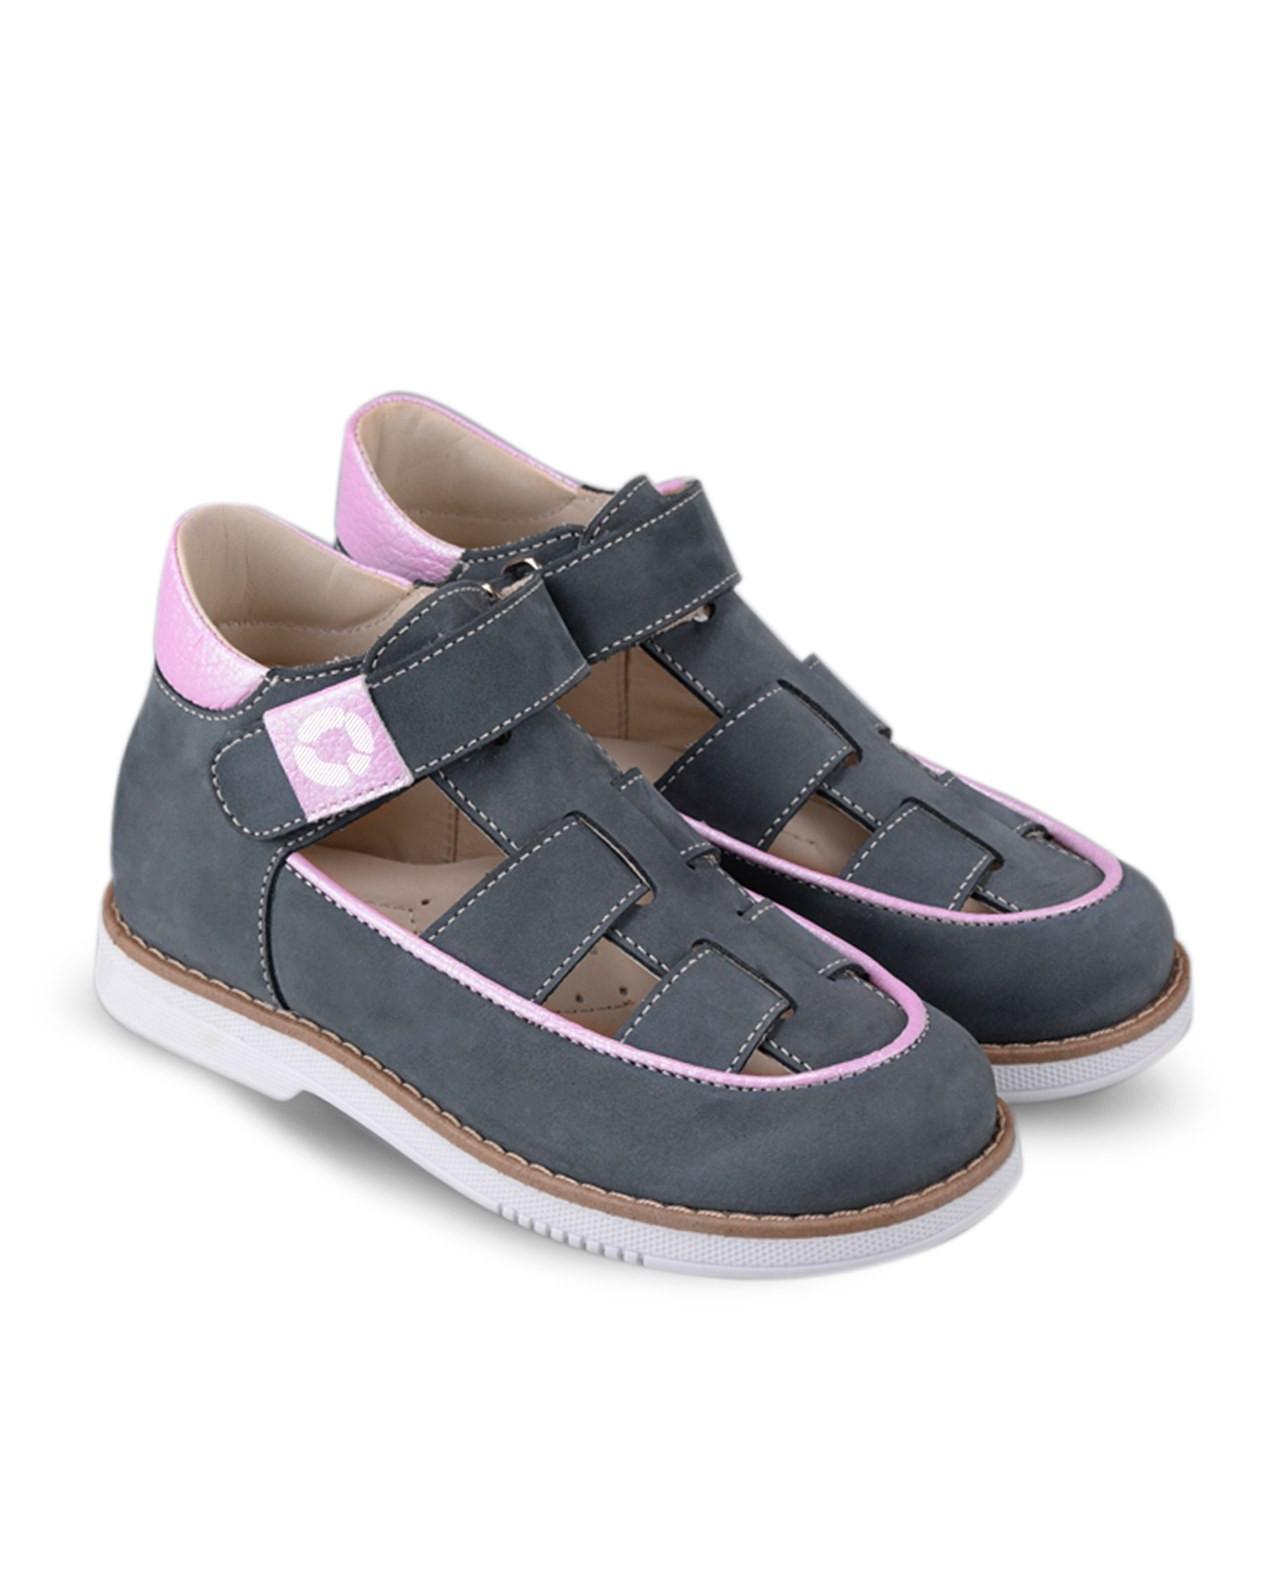 Туфли Детские, Tapiboo Панакота (43166, 25 )Туфли<br>Туфли для ежедневной профилактики плоскостопия. <br>Идеальны как сменная обувь в детский сад <br>и начальную школу. Широкий, устойчивый каблук, <br>специальной конфигурации «каблук Томаса». <br>Каблук продлен с внутренней стороны до <br>середины стопы, чтобы исключить вращение <br>(заваливание) стопы вовнутрь (пронационный <br>компонент деформации, так называемая косолапость, <br>или вальгусная деформация). Многослойная, <br>анатомическая стелька со сводоподдерживающим <br>элементом для правильного формирования <br>стопы. Благодаря использованию современных <br>внутренних материалов позволяет оптимально <br>распределить нагрузку по всей площади стопы <br>и свести к минимуму ее ударную составляющую. <br>Жесткий фиксирующий задник с удлиненным <br>«крылом» надежно стабилизирует голеностопный <br>сустав во время ходьбы, препятствуя развитию <br>патологических изменений стопы. Упругая, <br>умеренно-эластичная подошва, имеющая перекат <br>позволяющий повторить естественное движение <br>стопы при ходьбе для правильного распределения <br>нагрузки на опорно-двигательный аппарат <br>ребенка. Подкладка из кож<br>Размер INT: M; Цвет: Красный; Ширина: 100; Высота: 200; Вес: 1000;